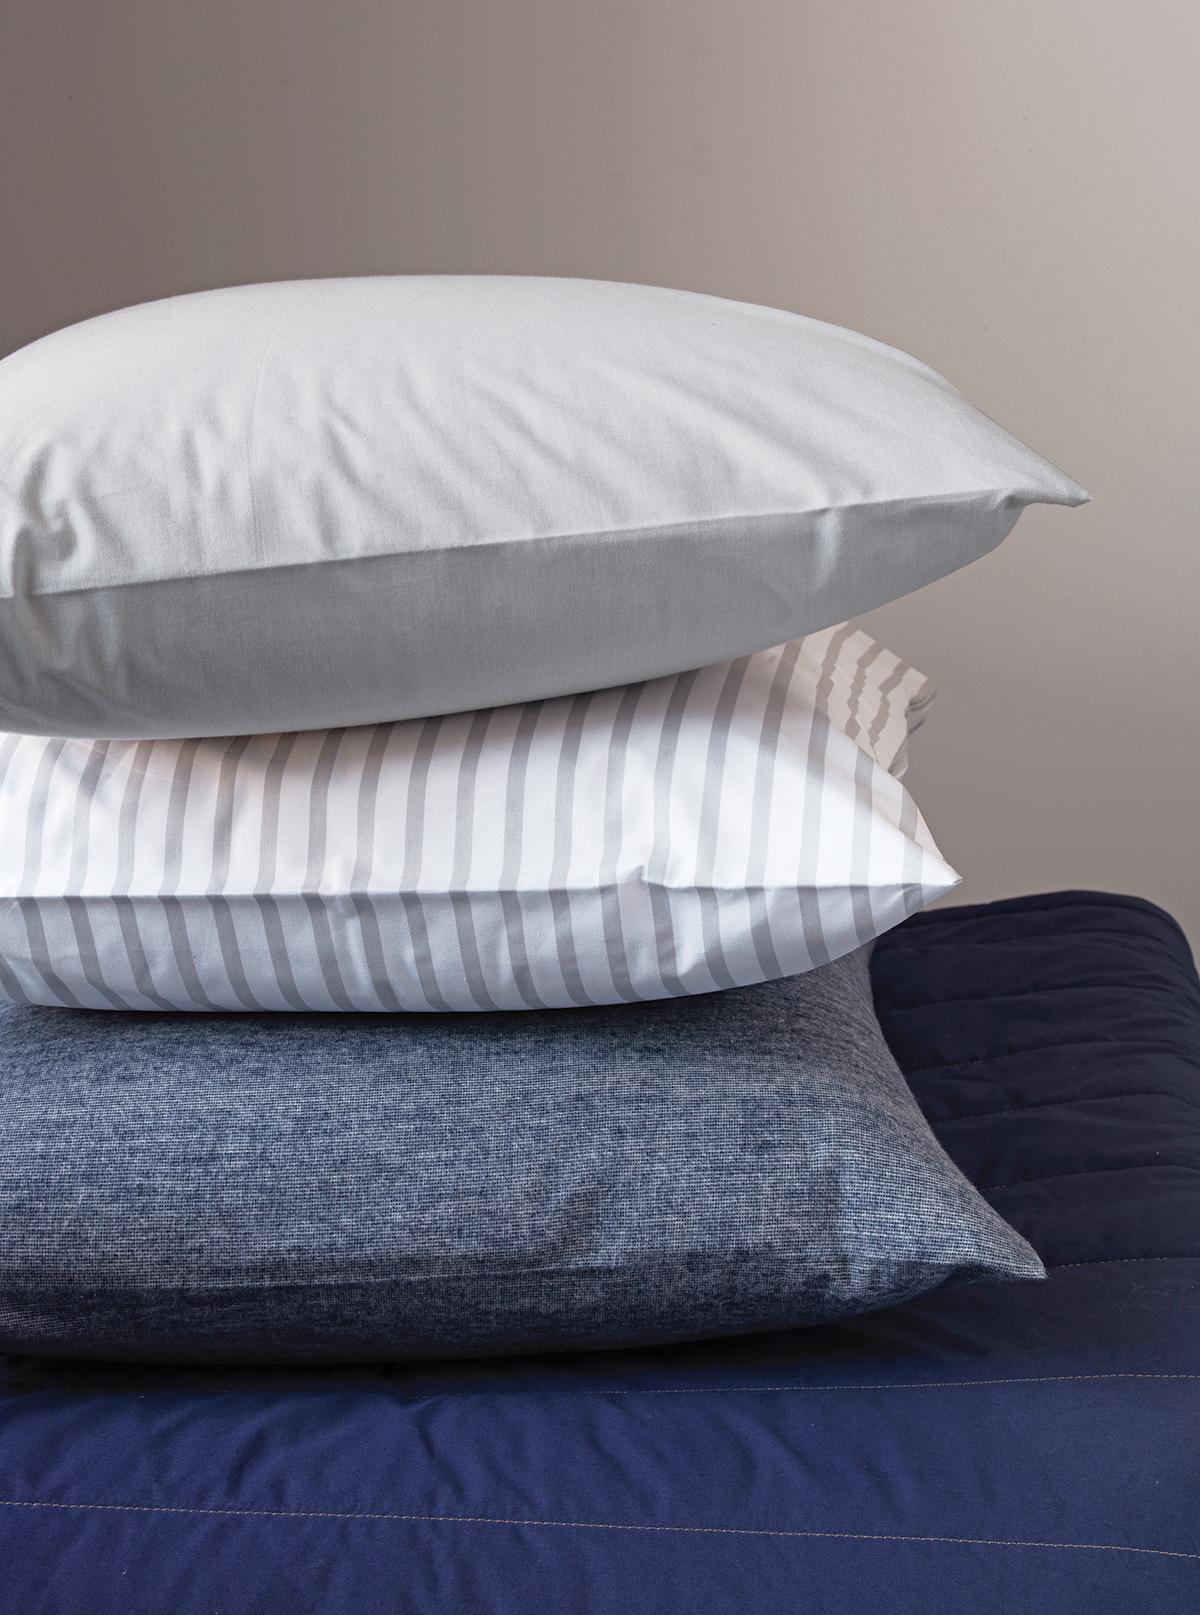 p7_L_E_pillows_quilt_0709.jpg